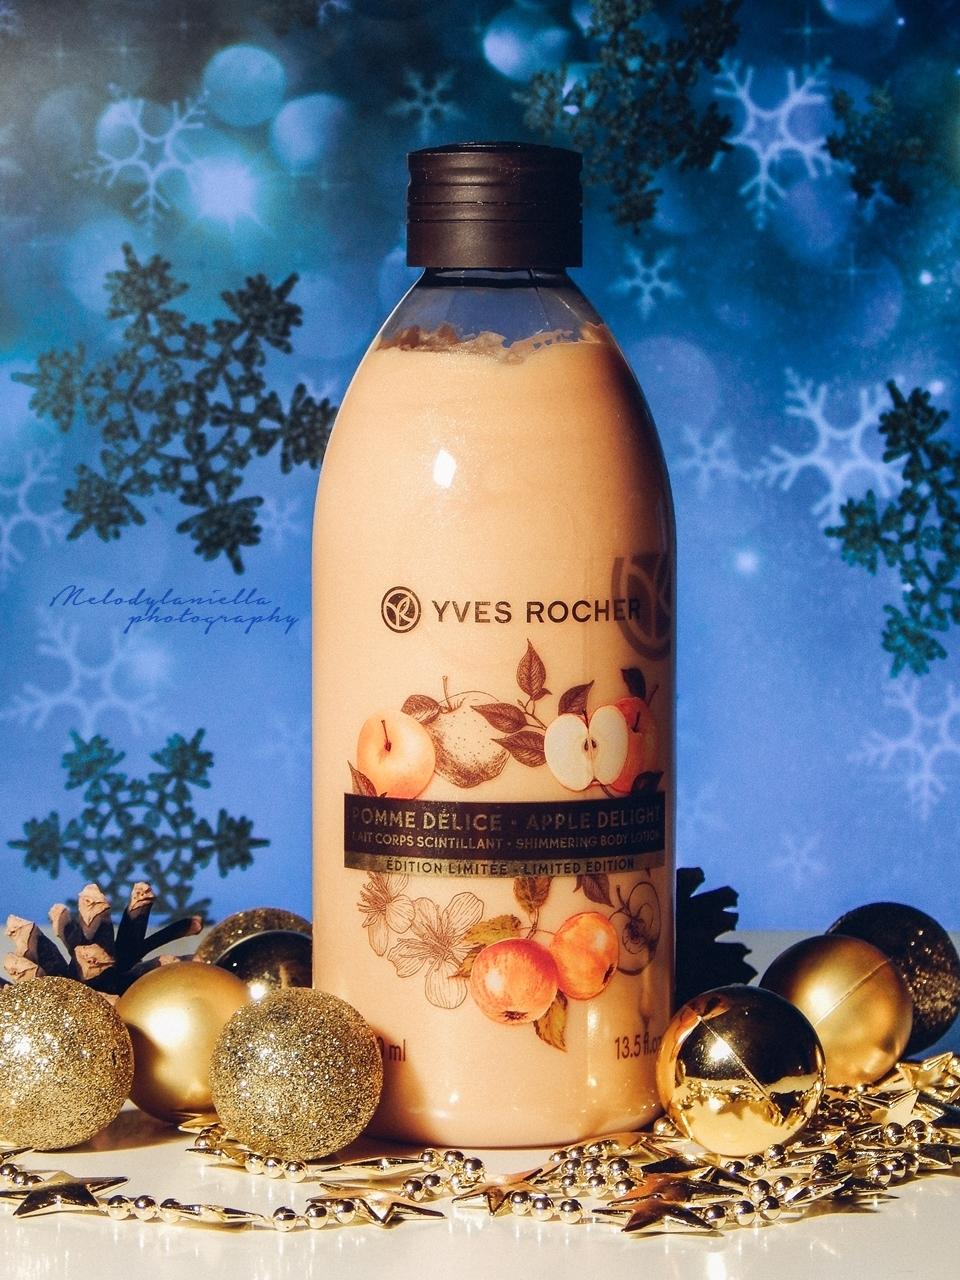 yves rocher mleczko do ciala o zapachu jablek w karmelu jablka w karmelu zapach swiat gwiazdka winter zima christmas prezent kosmetyki uroda